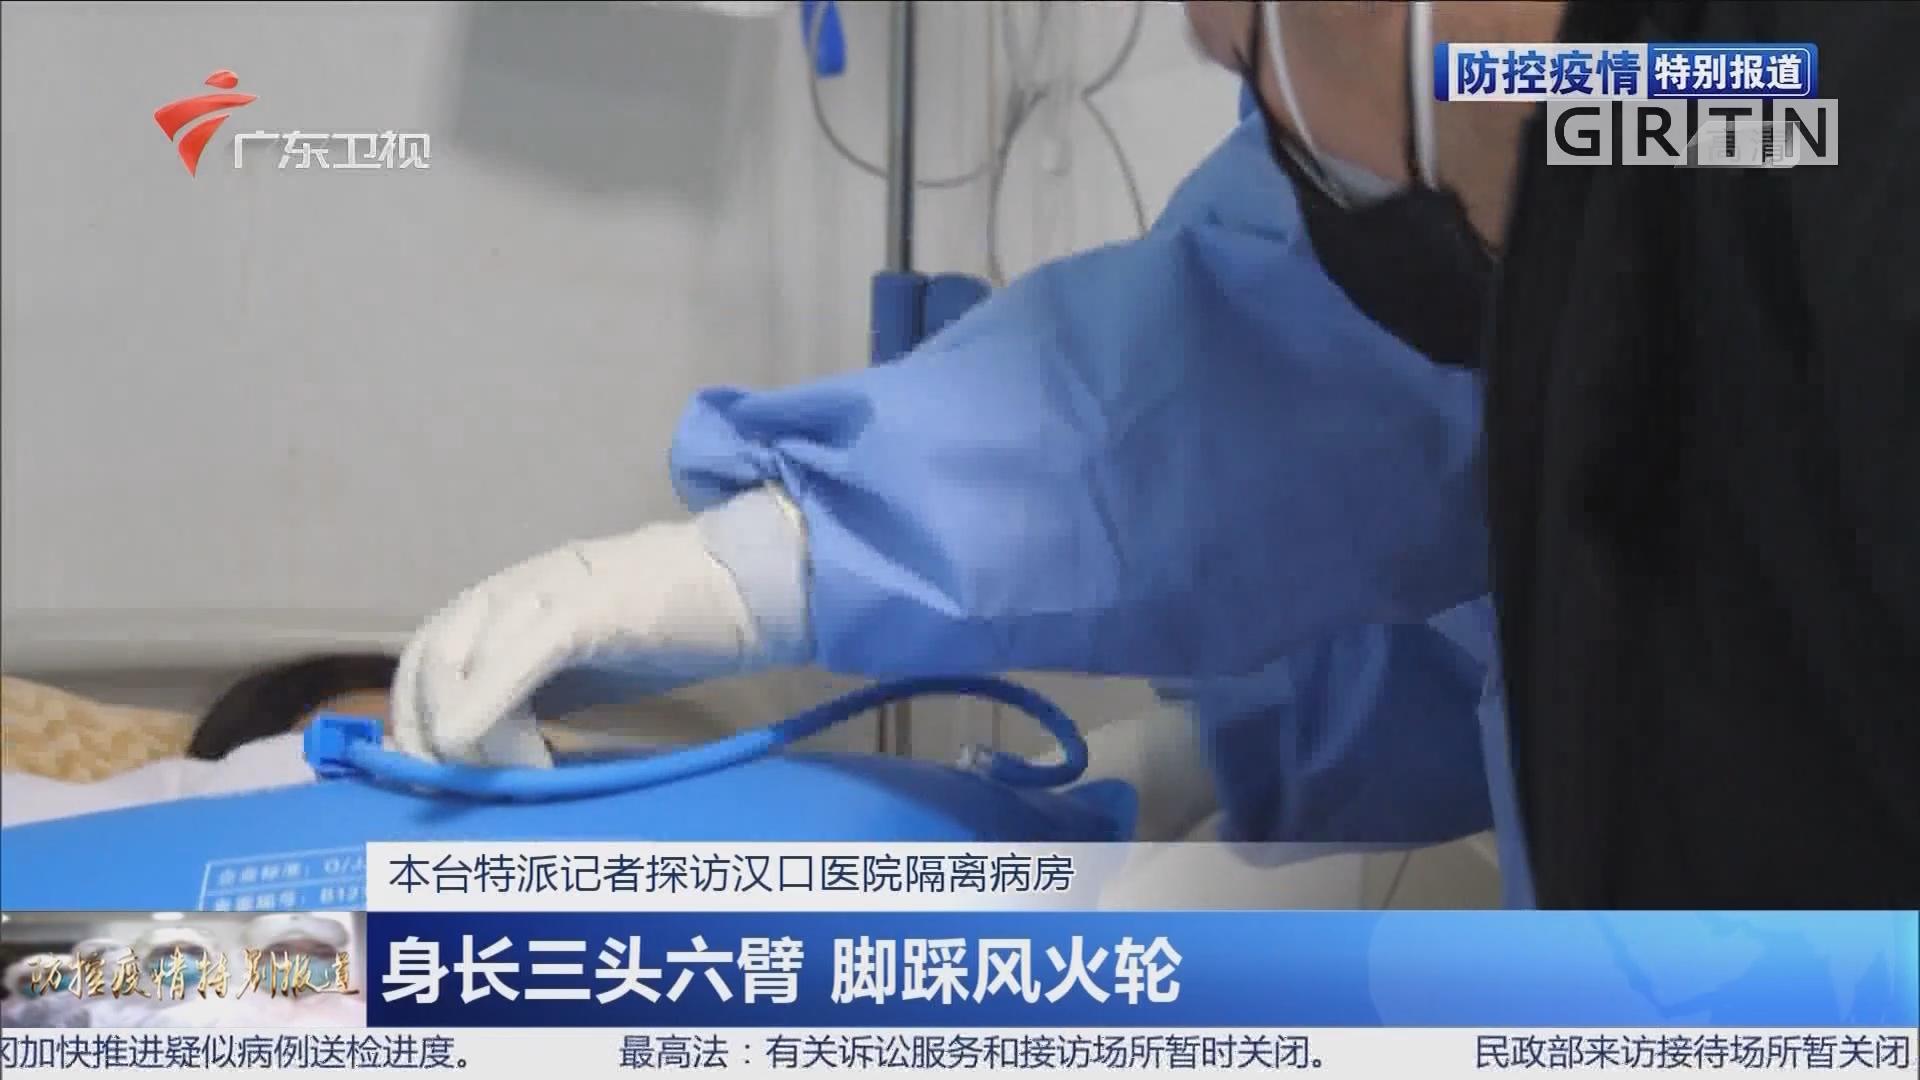 本台特派记者探访汉口医院隔离病房 身长三头六臂 脚踩风火轮